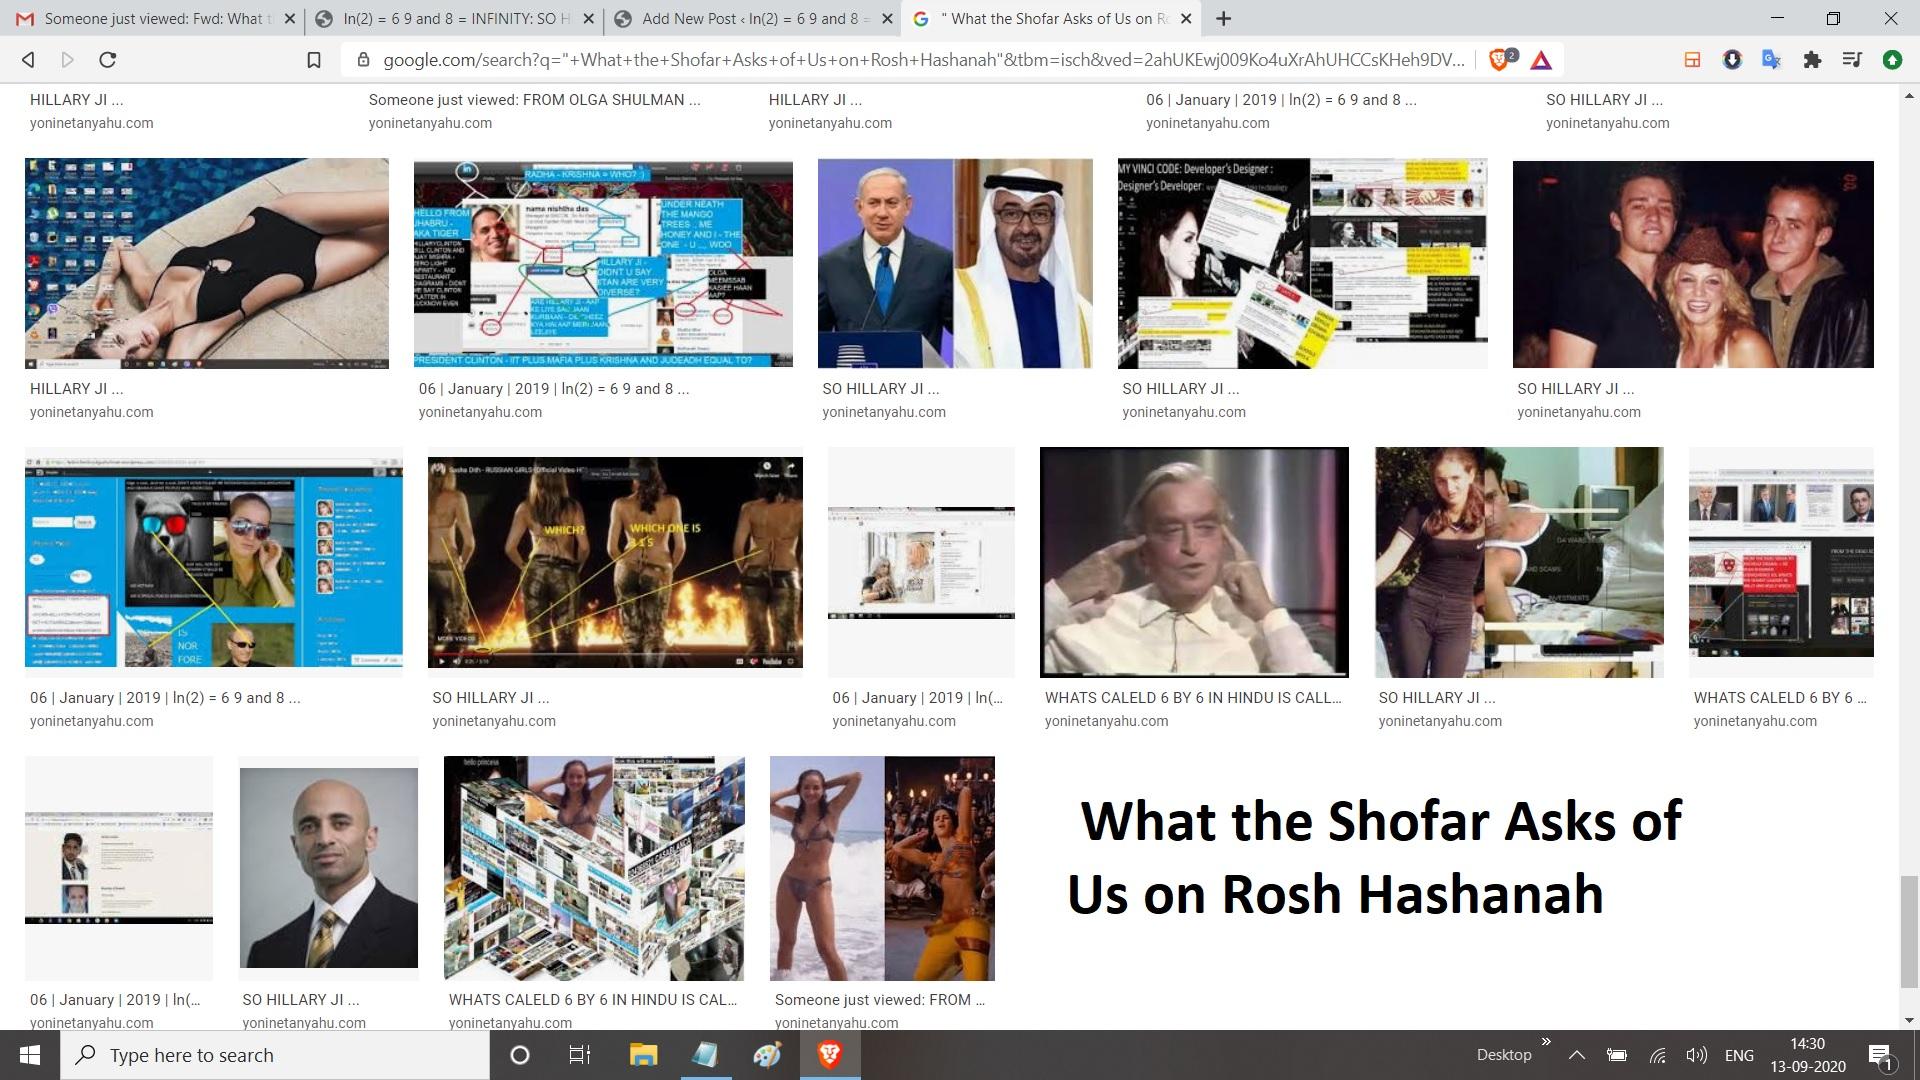 What the Shofar Asks of Us on Rosh Hashanah